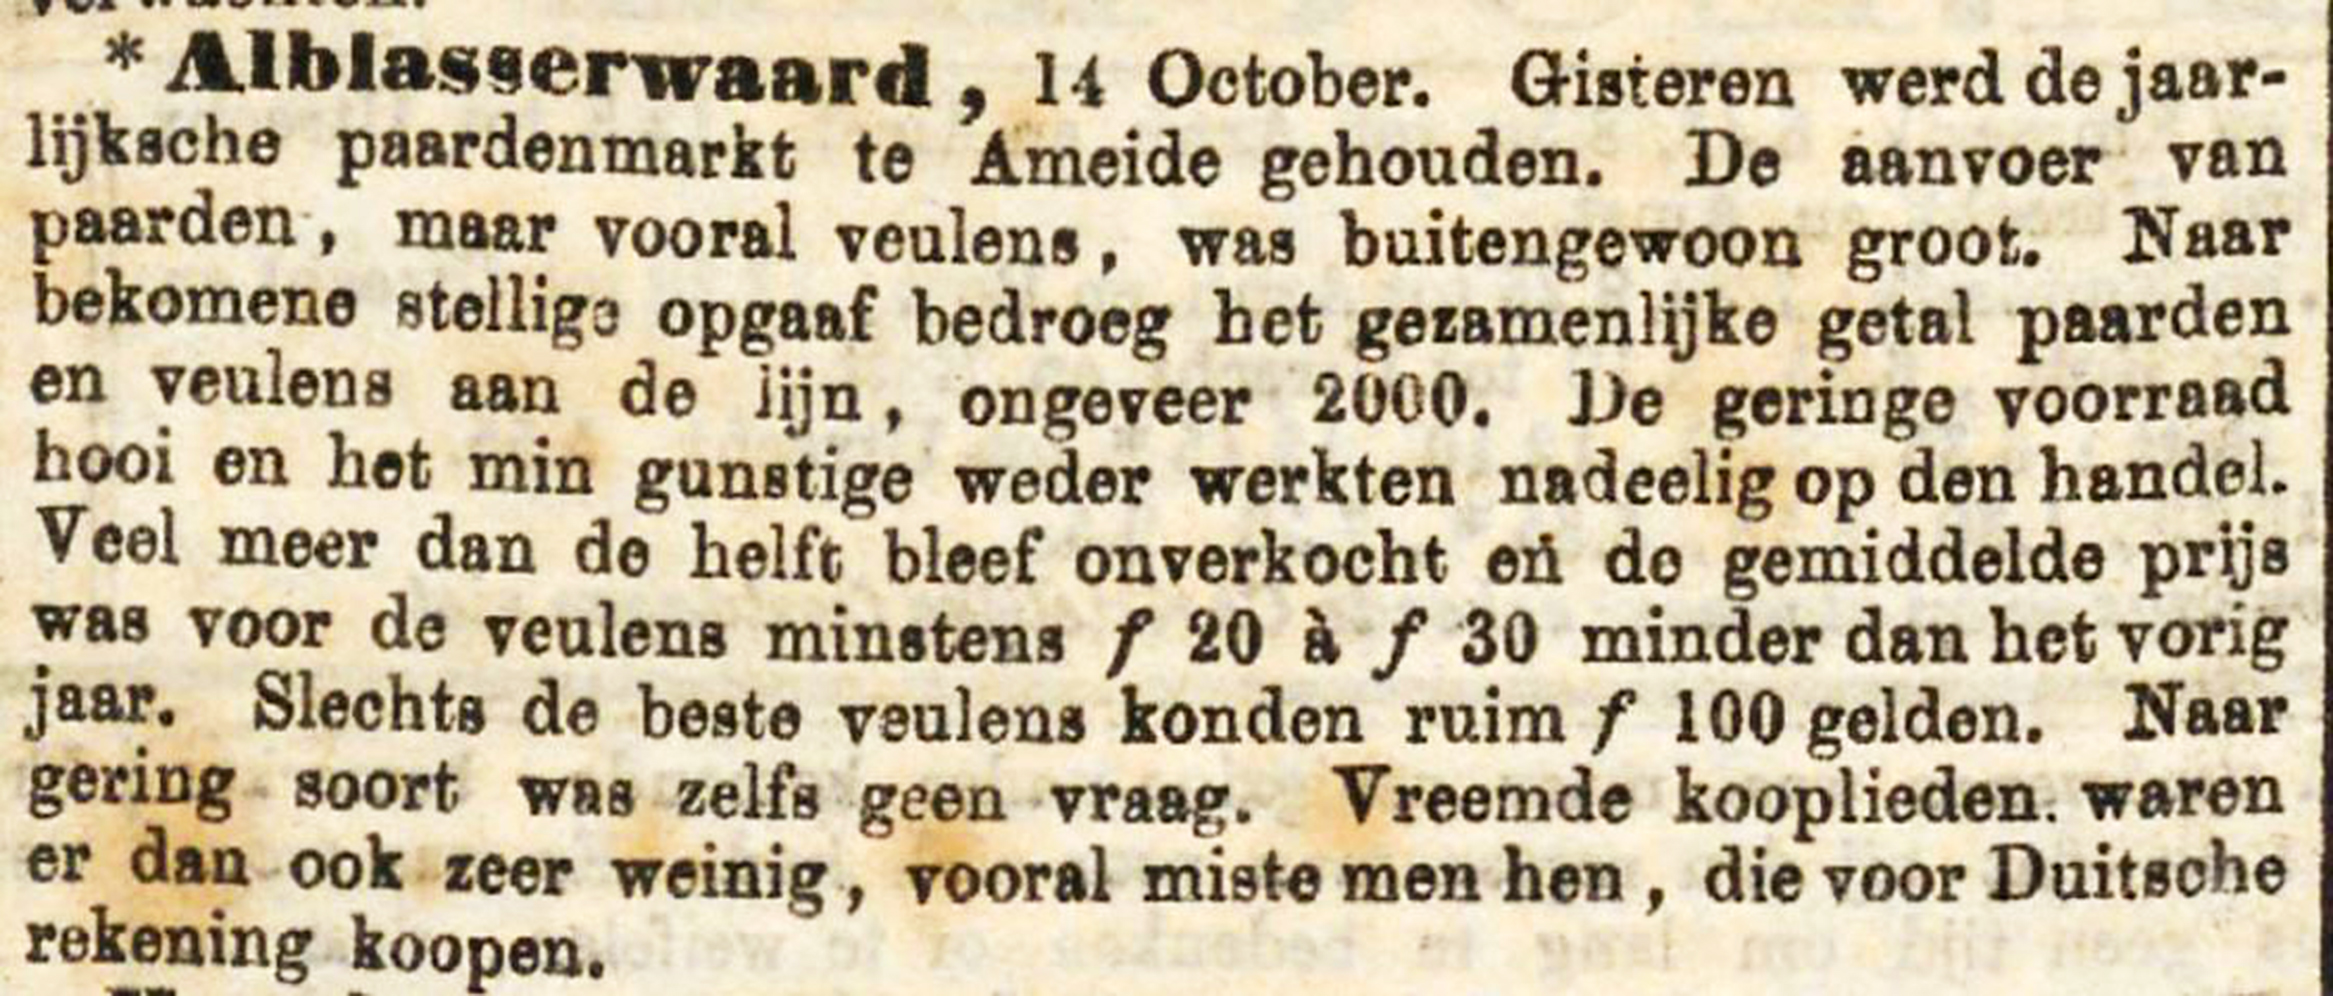 nieuwe-rotterdamsche-courant-17-10-1864